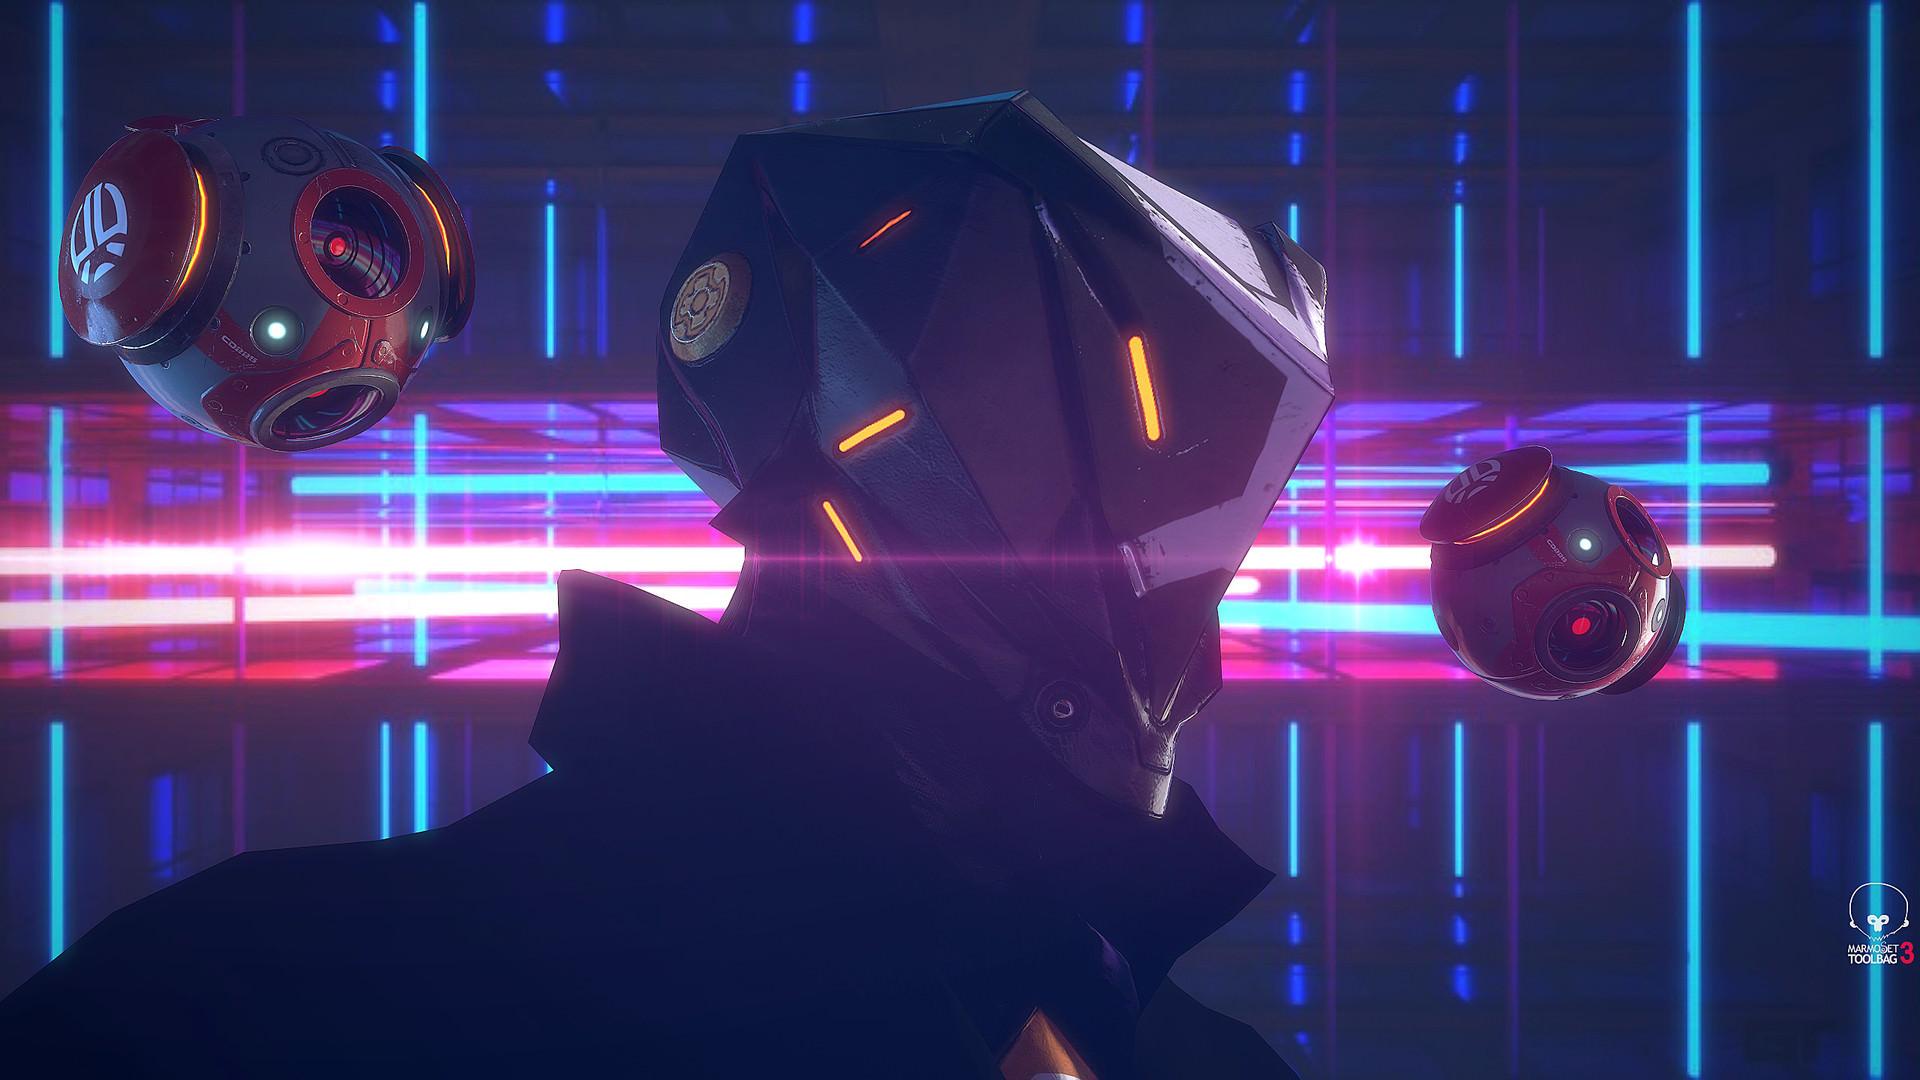 Wallpaper Cyberpunk Science Fiction Neon 1920x1080